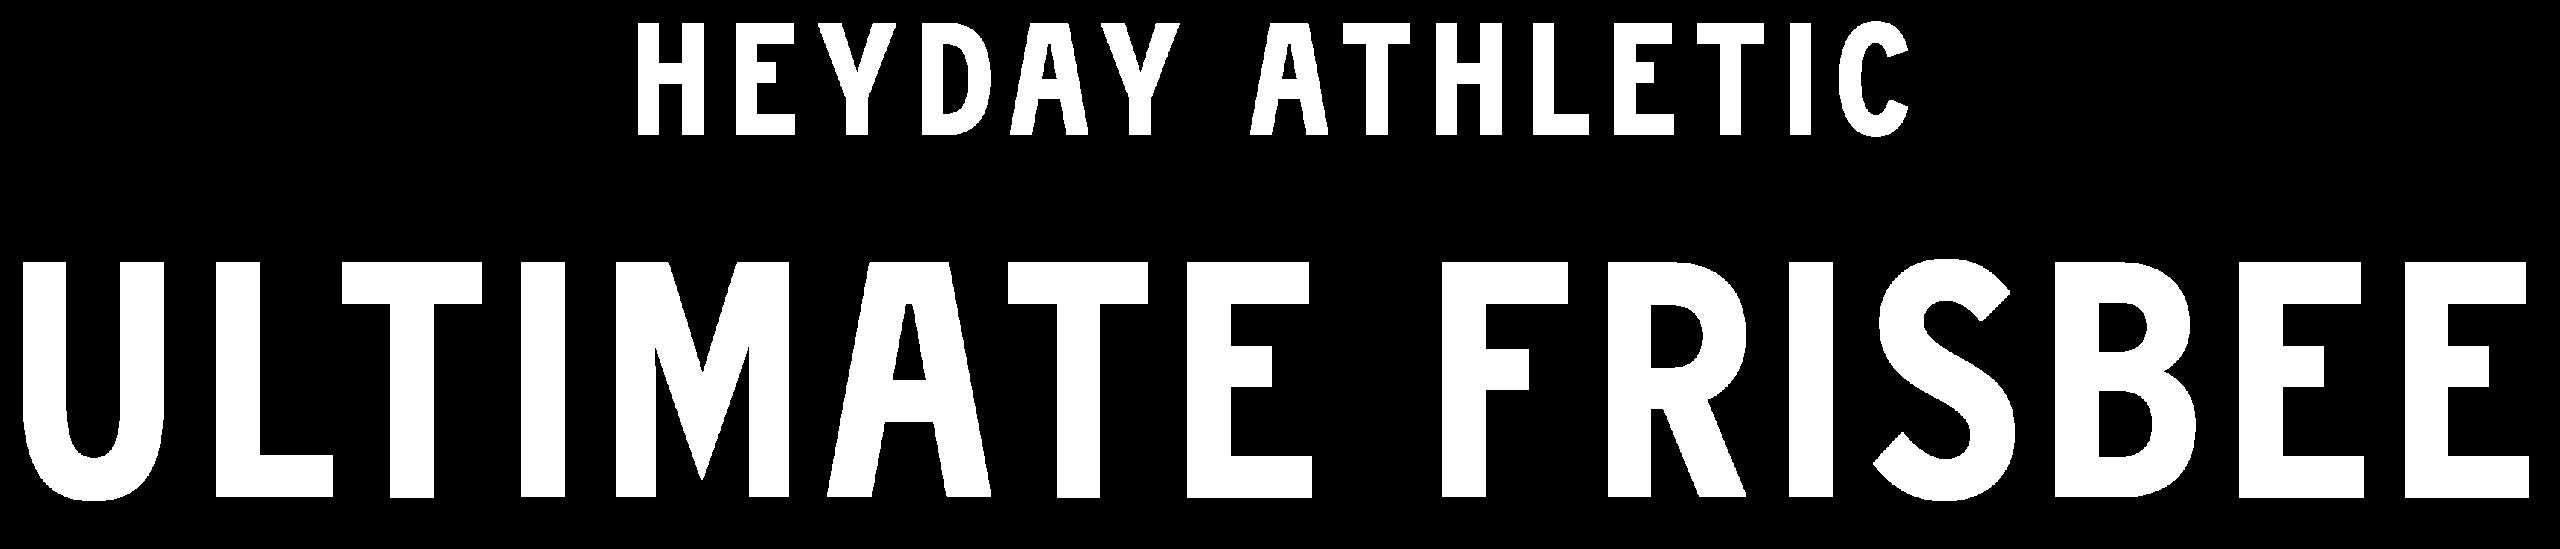 HeaderUltimateFrisbee